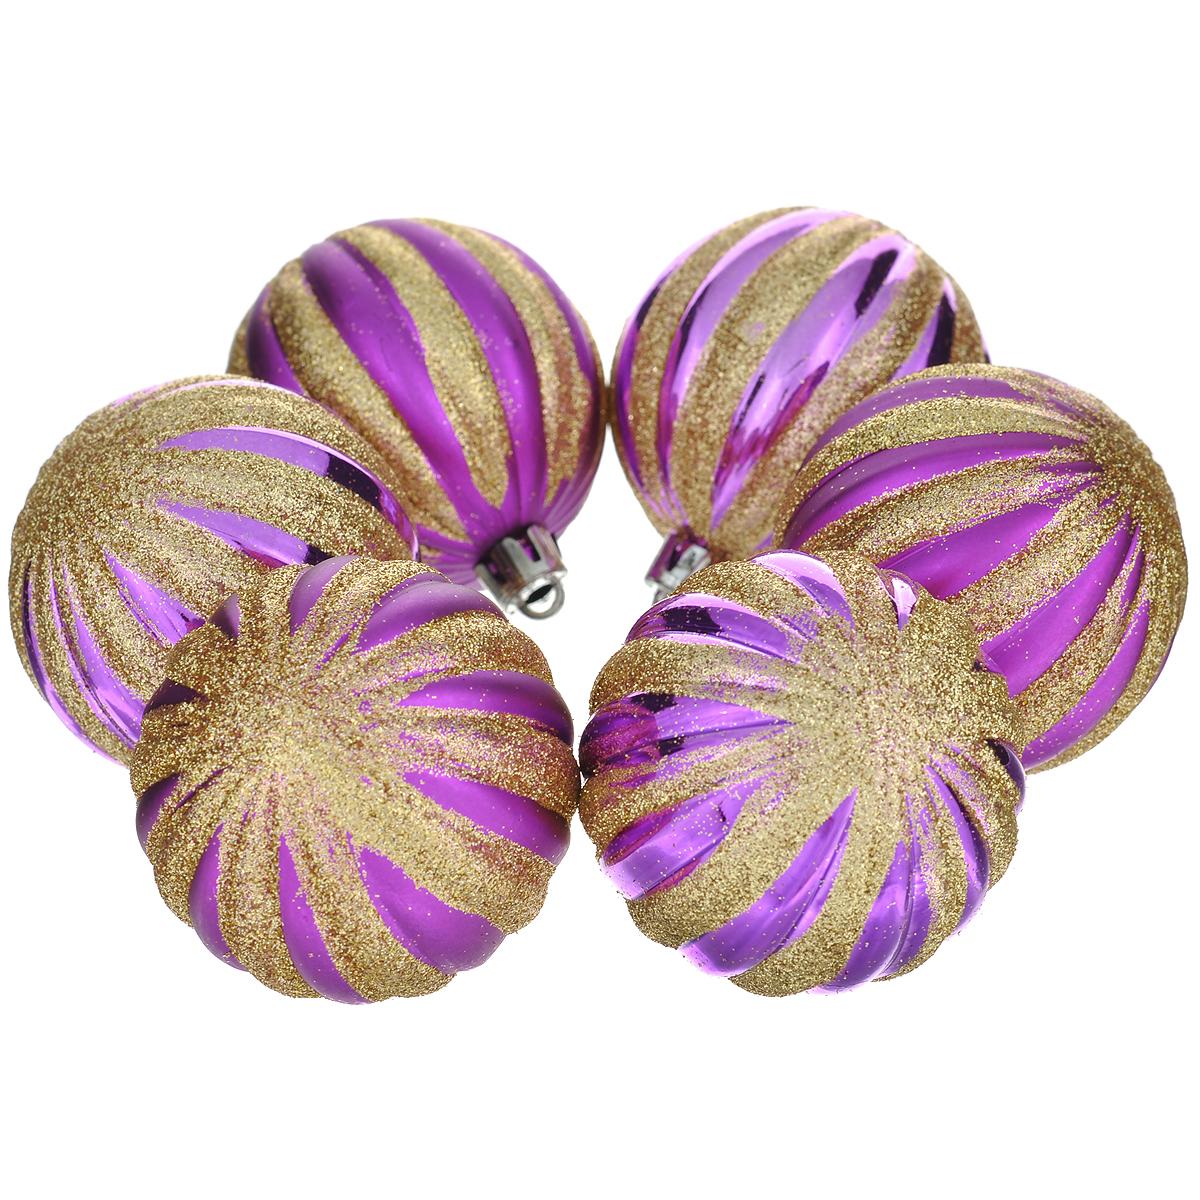 Набор новогодних подвесных украшений Шар, цвет: фиолетовый, диаметр 6 см, 6 шт. 3552735527Набор новогодних подвесных украшений Шар прекрасно подойдет для праздничного декора новогодней ели. Состоит из шести шаров. Елочная игрушка - символ Нового года. Она несет в себе волшебство и красоту праздника. Создайте в своем доме атмосферу веселья и радости, украшая новогоднюю елку нарядными игрушками, которые будут из года в год накапливать теплоту воспоминаний. Коллекция декоративных украшений принесет в ваш дом ни с чем несравнимое ощущение волшебства! Откройте для себя удивительный мир сказок и грез. Почувствуйте волшебные минуты ожидания праздника, создайте новогоднее настроение вашим дорогим и близким.